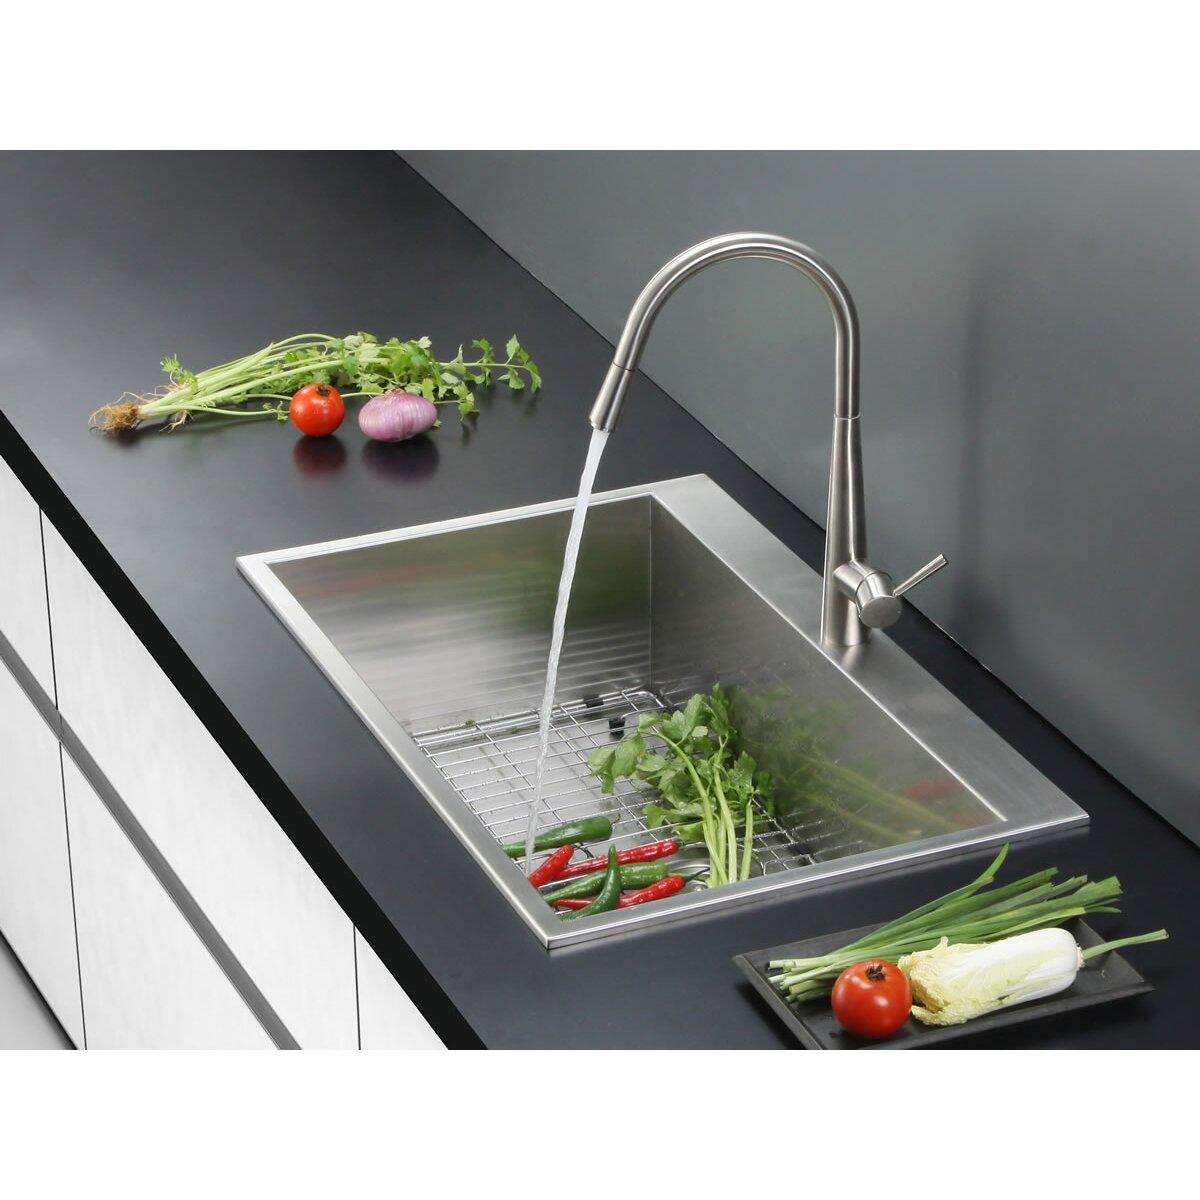 tirana 33 x 21 drop in single bowl kitchen sink - Kitchen Sink Drop In